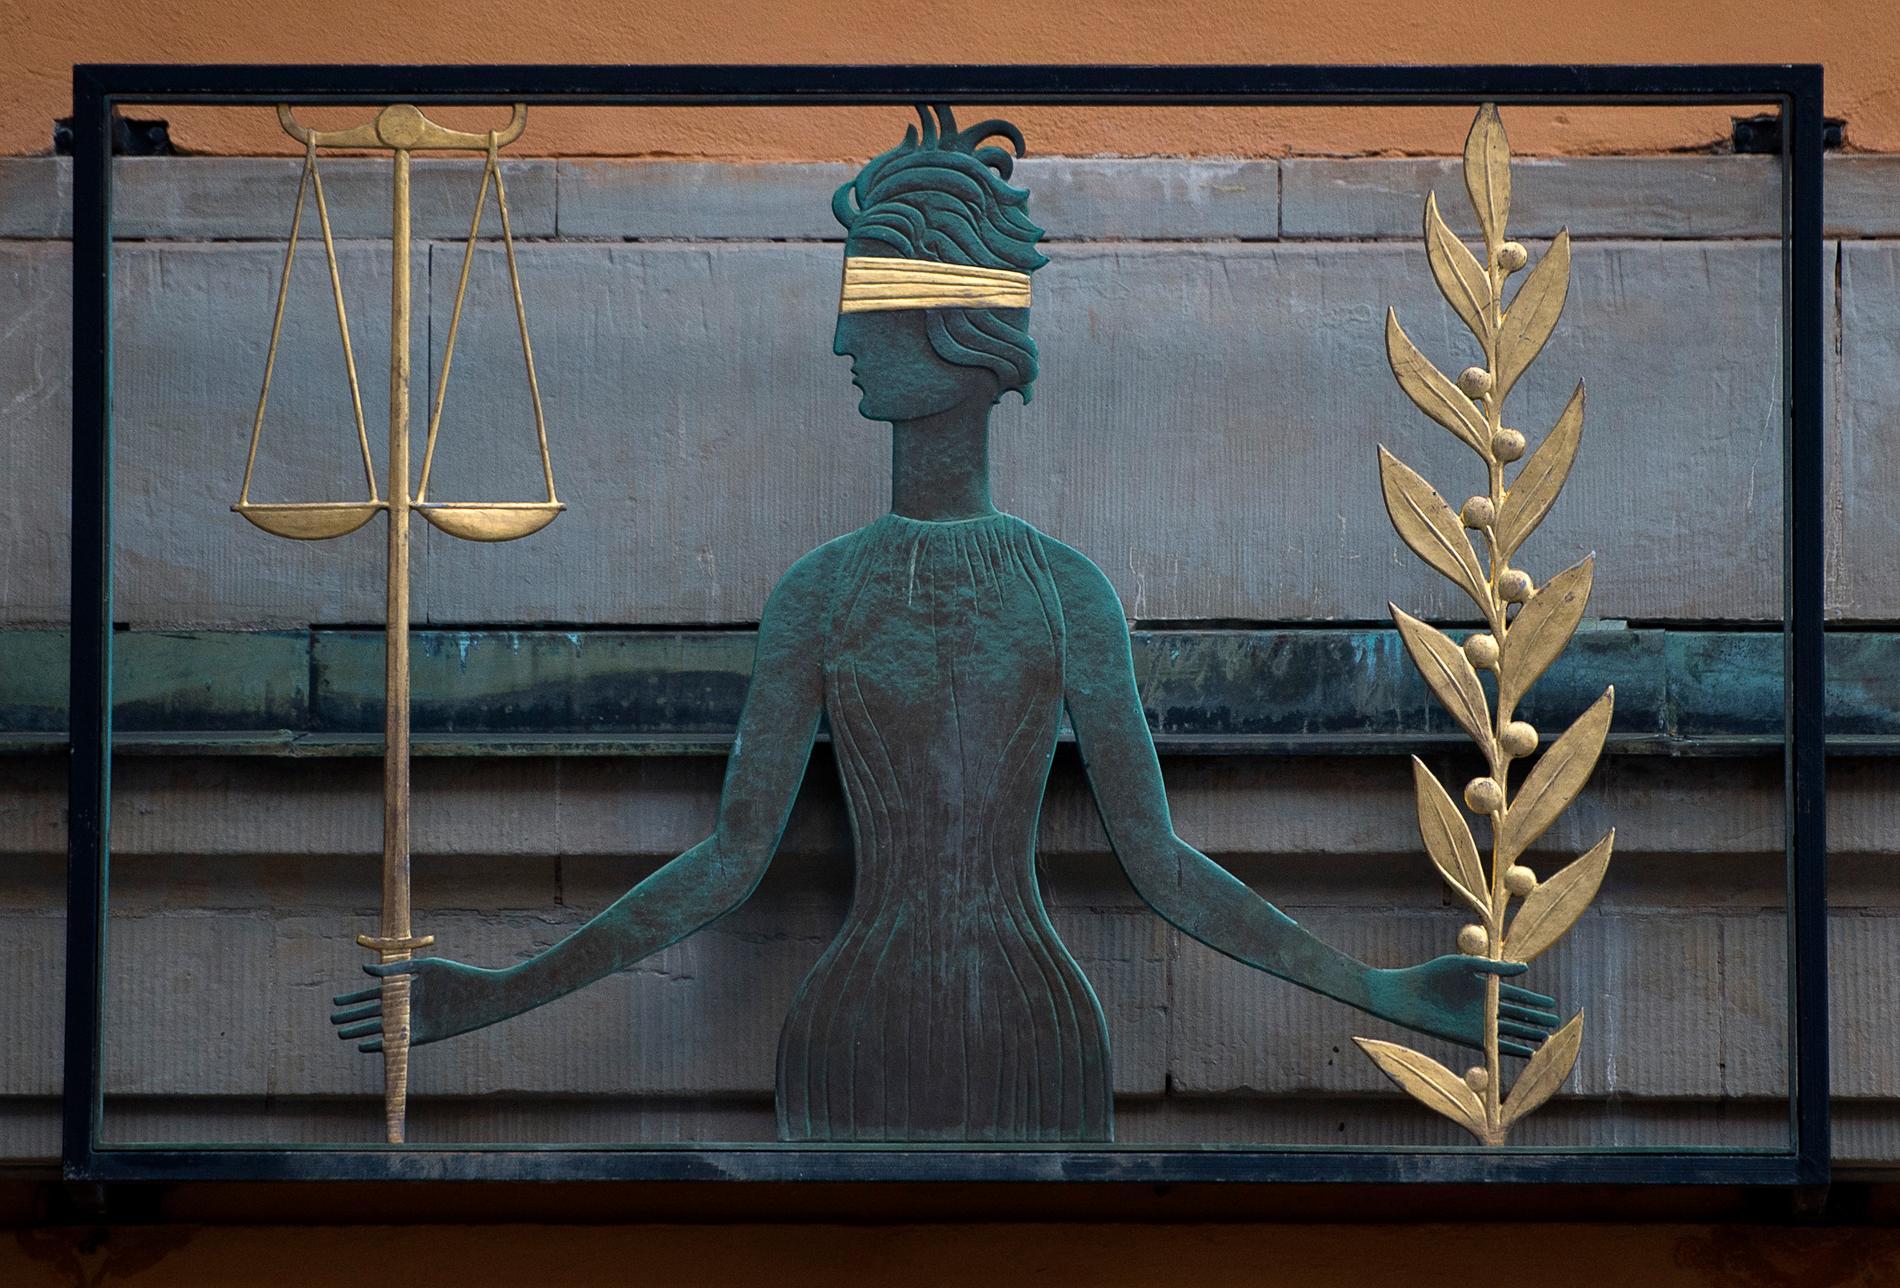 En kvinna har häktats misstänkt för stämpling och förberedelse till mord på en advokat hösten 2018. Arkivbild.